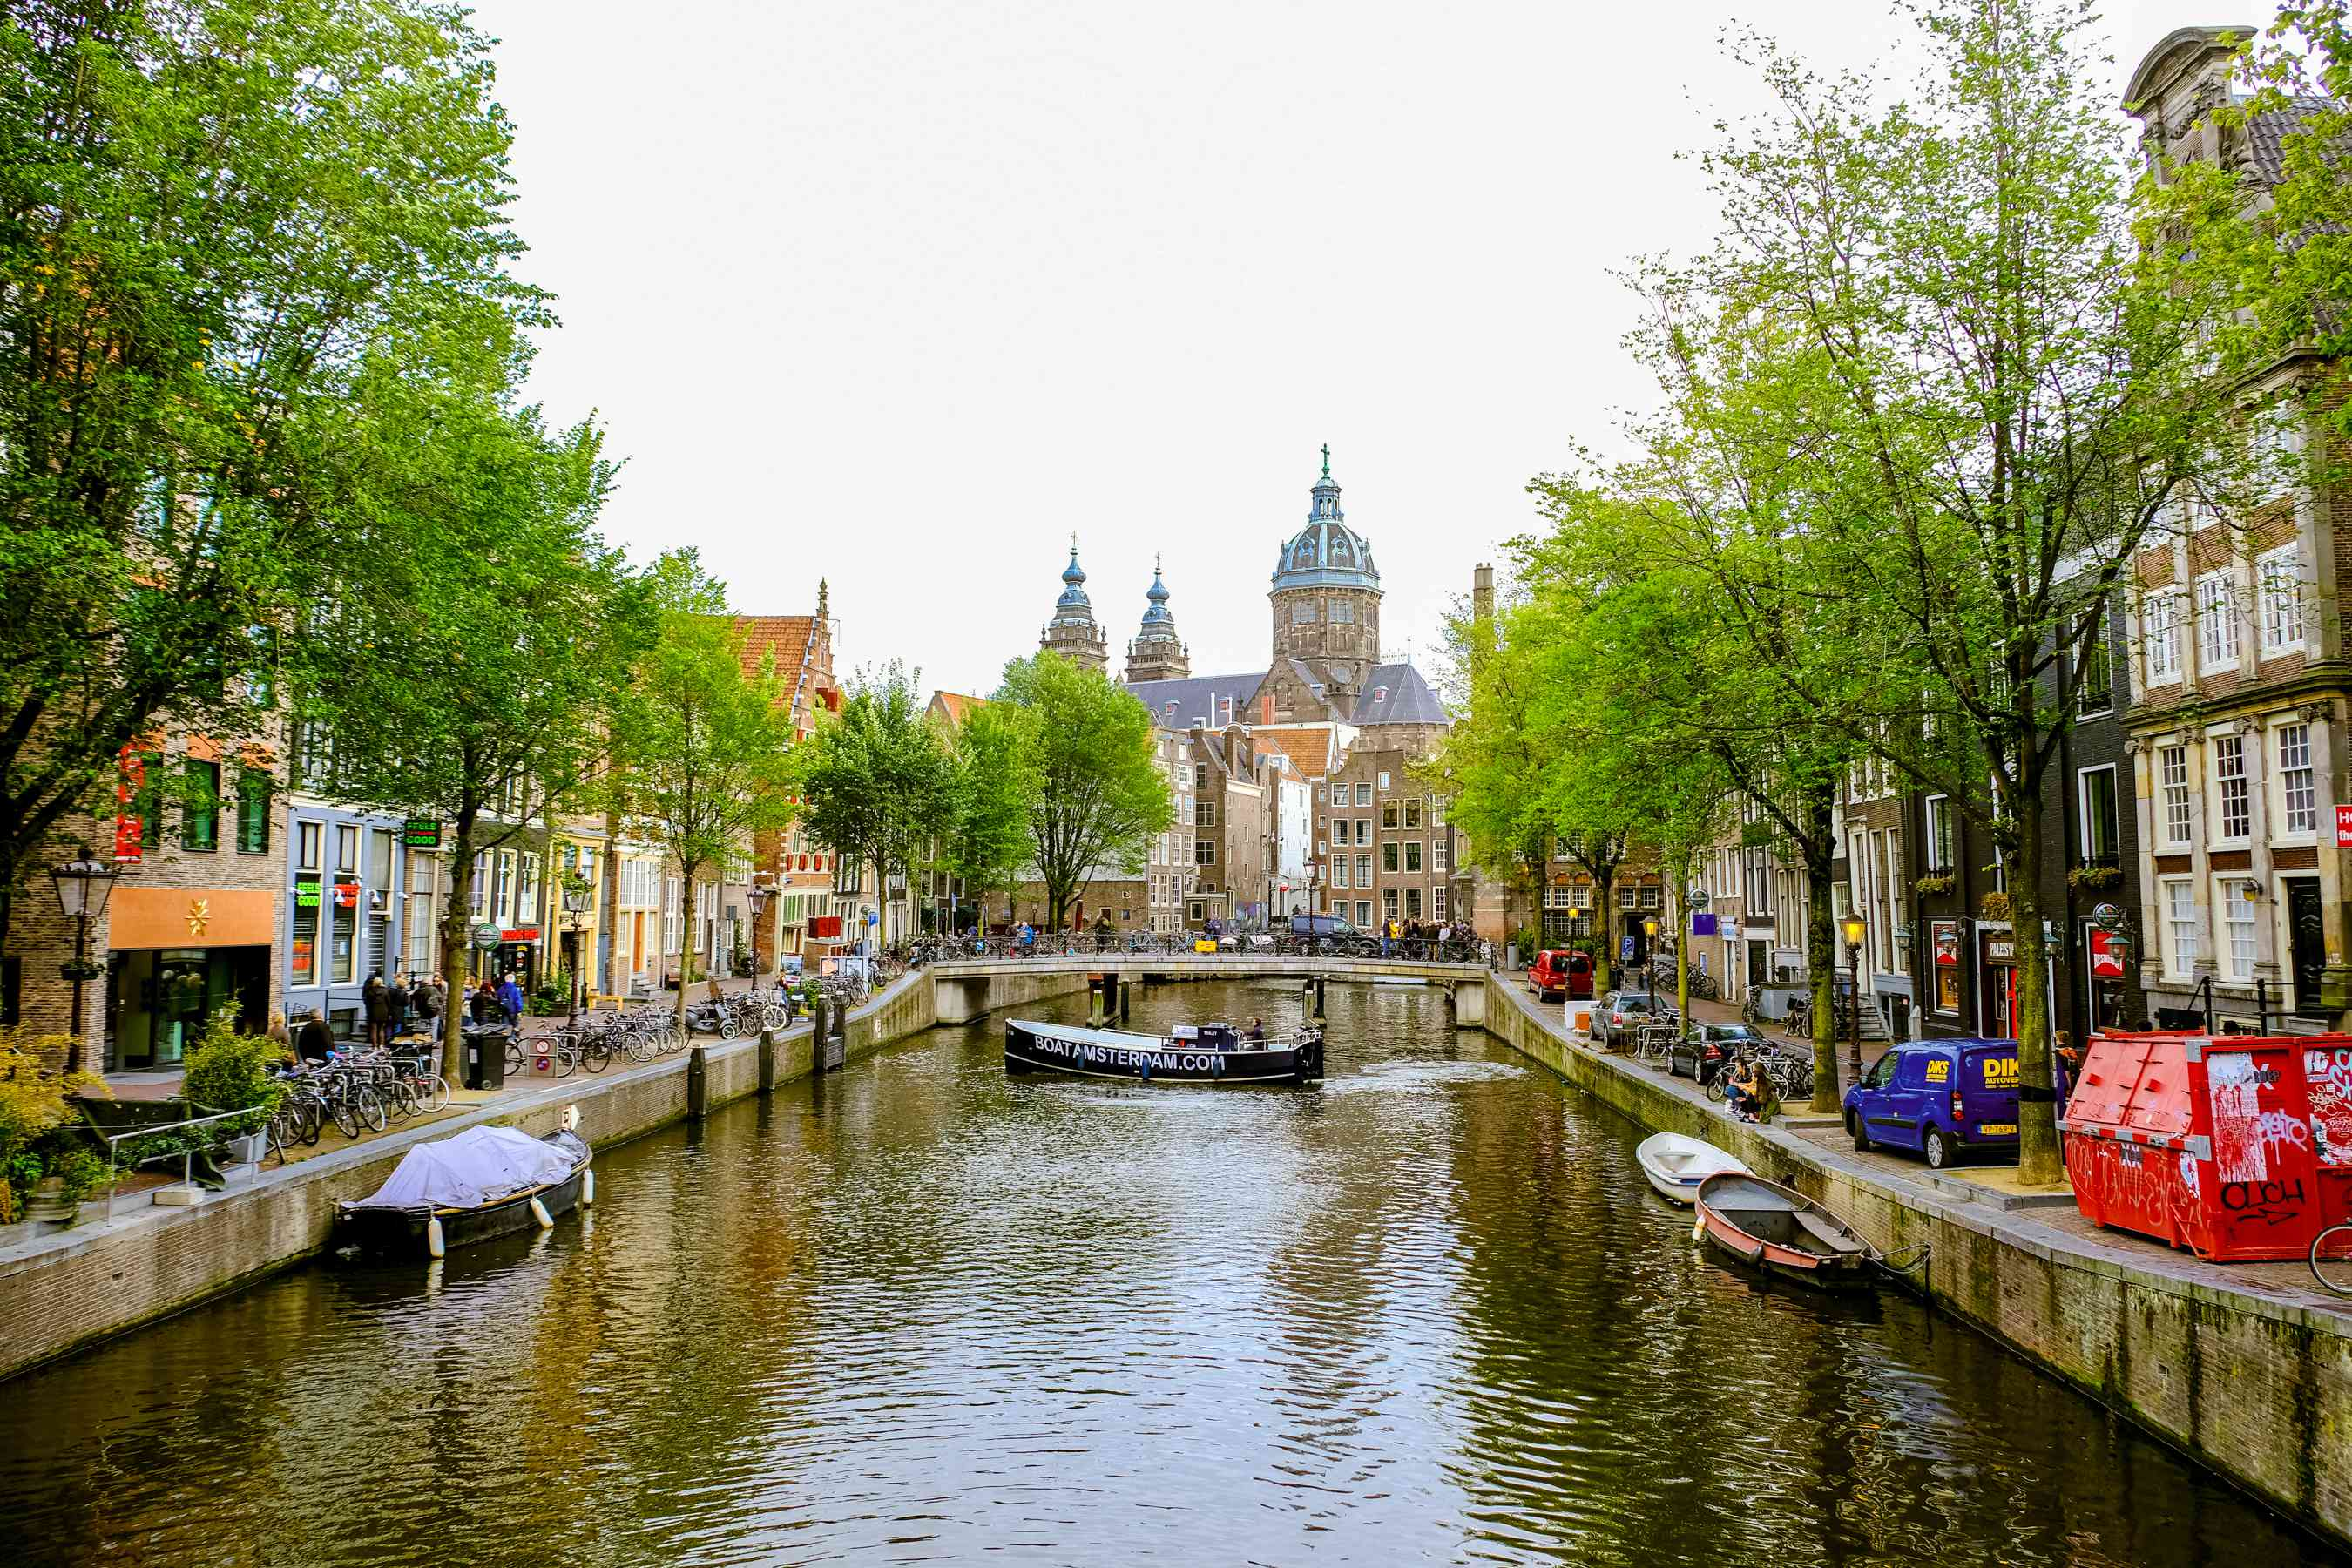 Un canal bordeado de árboles verdes y edificios coloridos